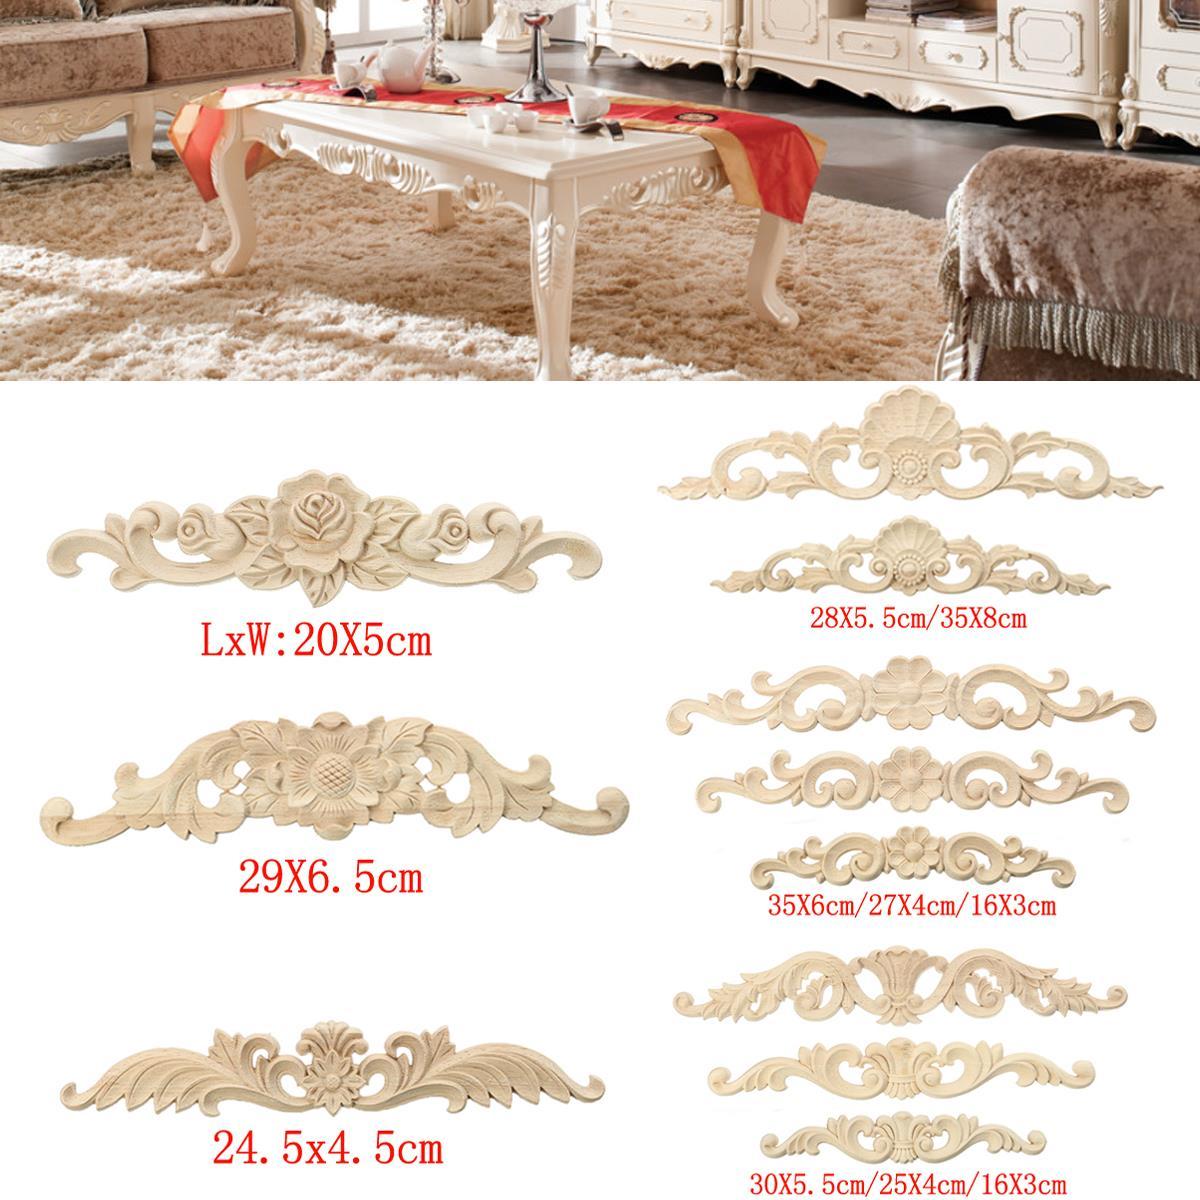 11 arten holzschnitzerei aufkleber ecke holz geschnitzten corner möbel dekorative figurine miniaturen wohnkultur für schranktür wand